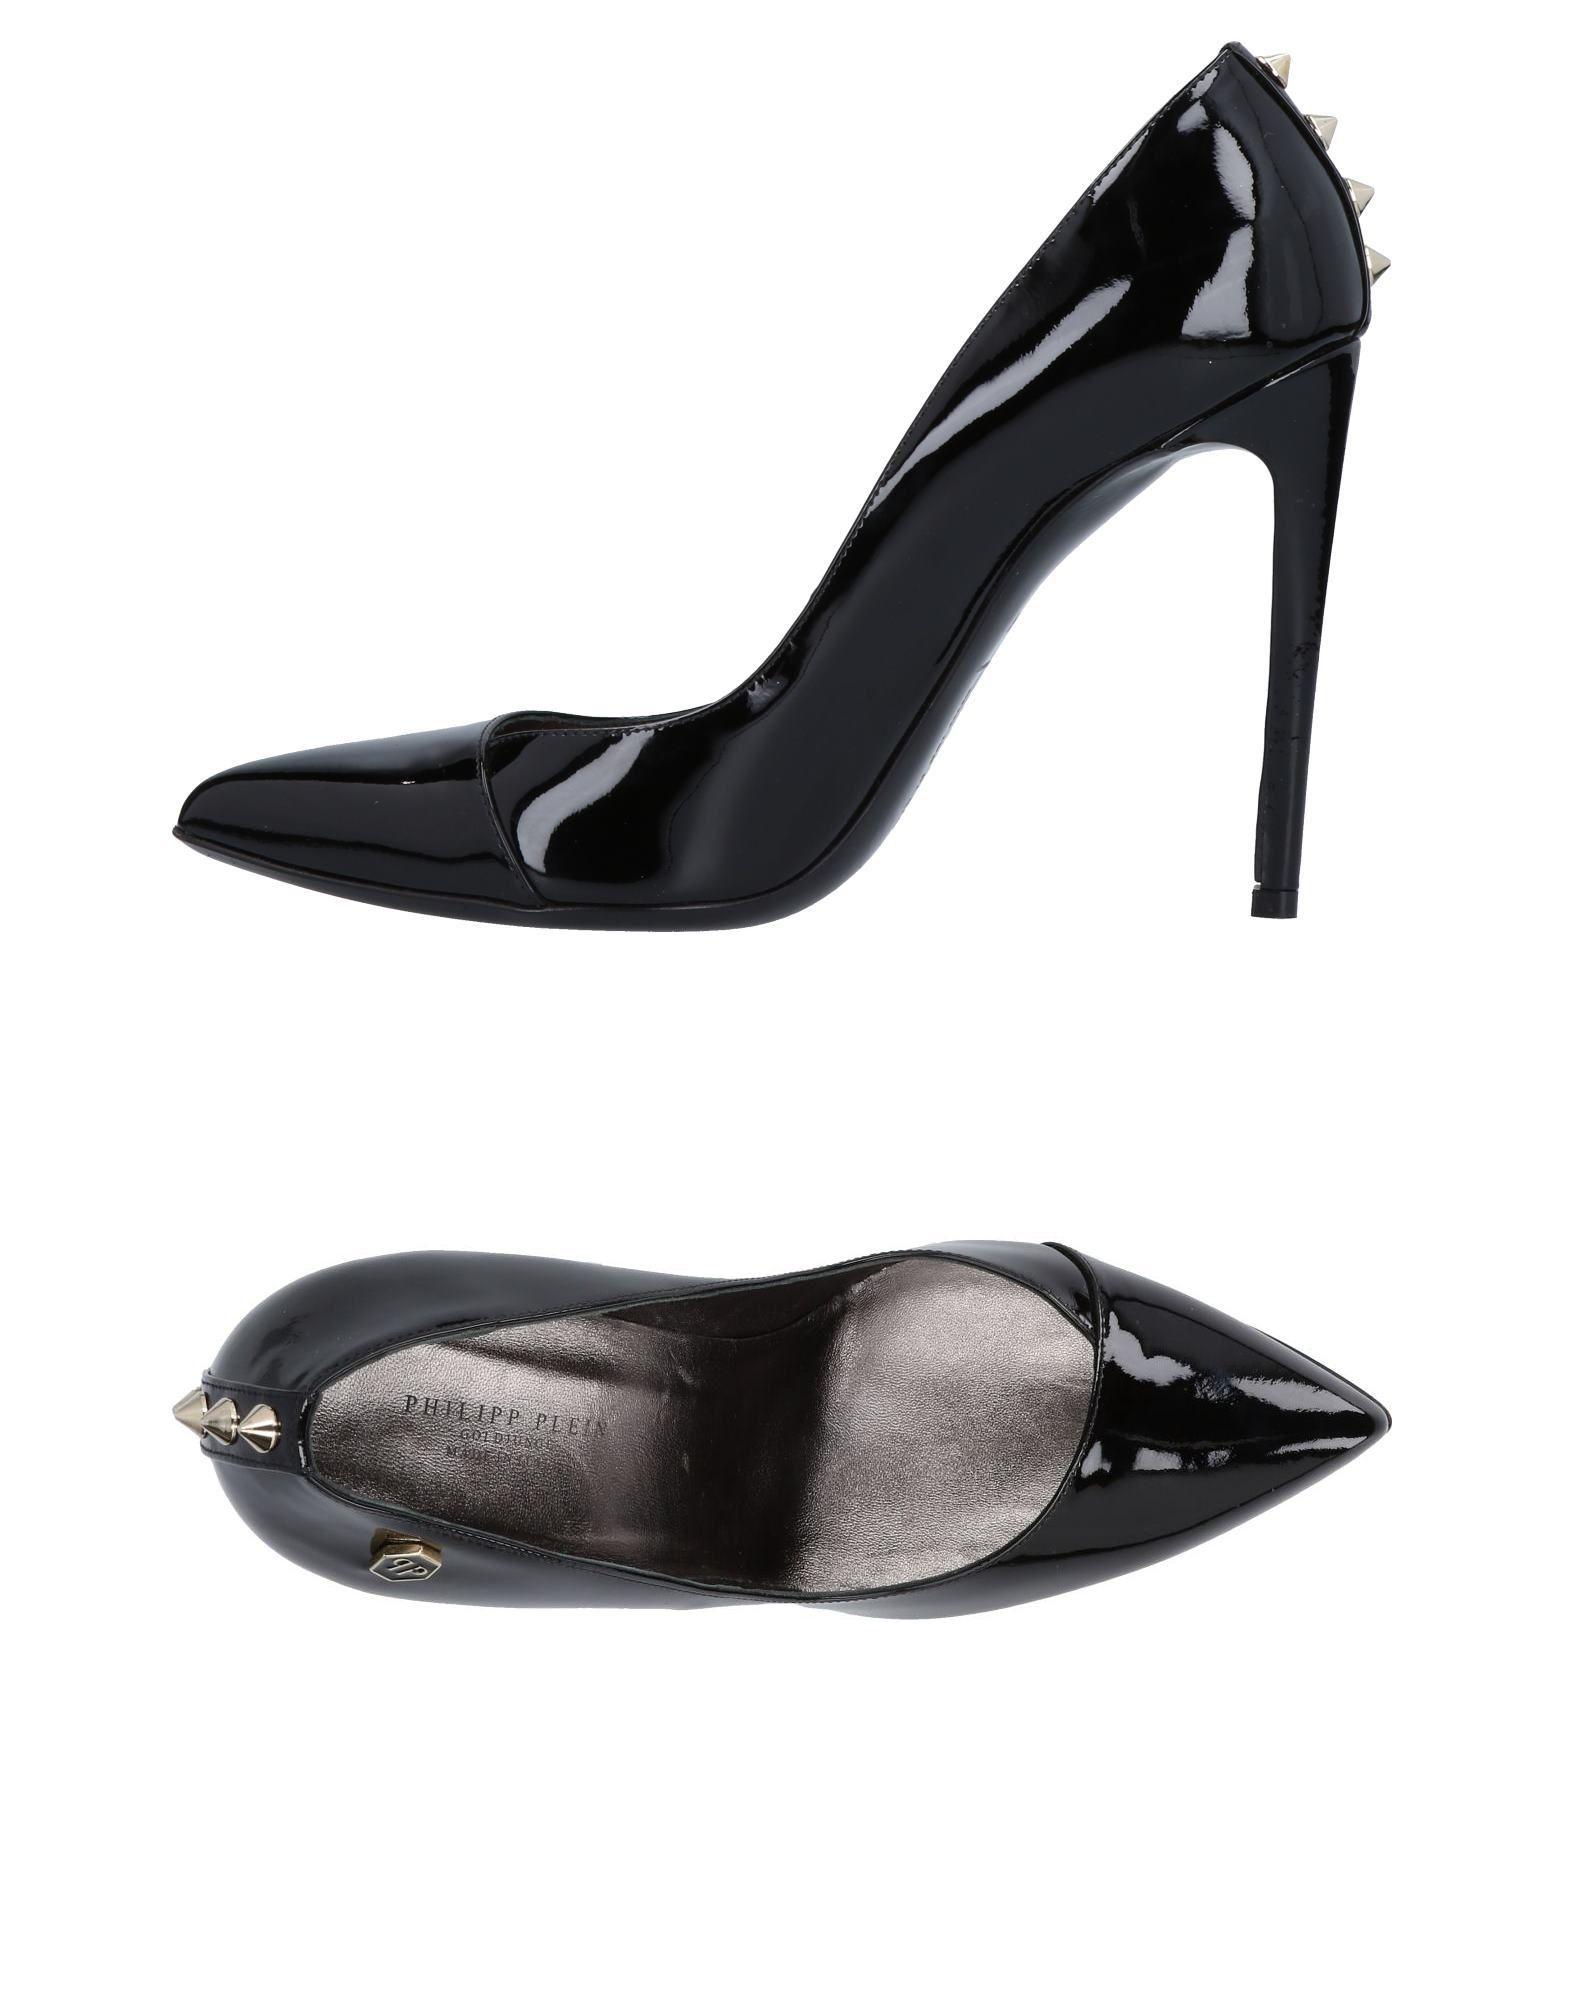 Philipp Plein Pumps Damen  11495793IBGünstige gut aussehende Schuhe Schuhe Schuhe 1005c2